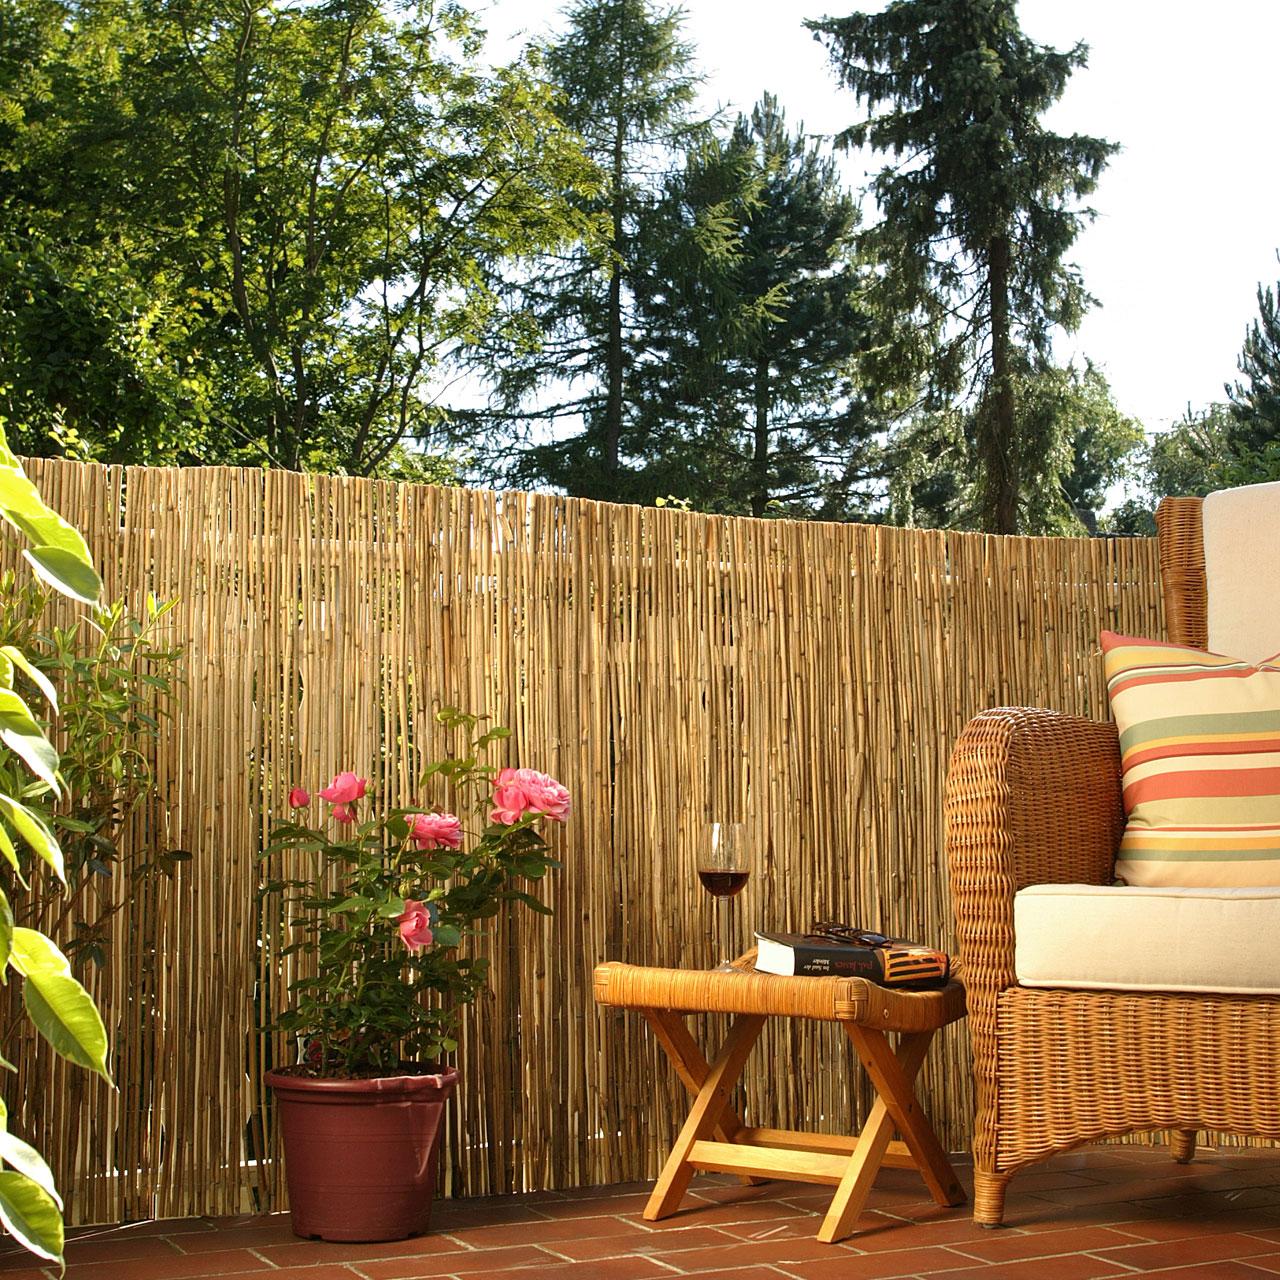 schilfrohrmatte sichtschutzmatte f hr natur sichtschutz. Black Bedroom Furniture Sets. Home Design Ideas